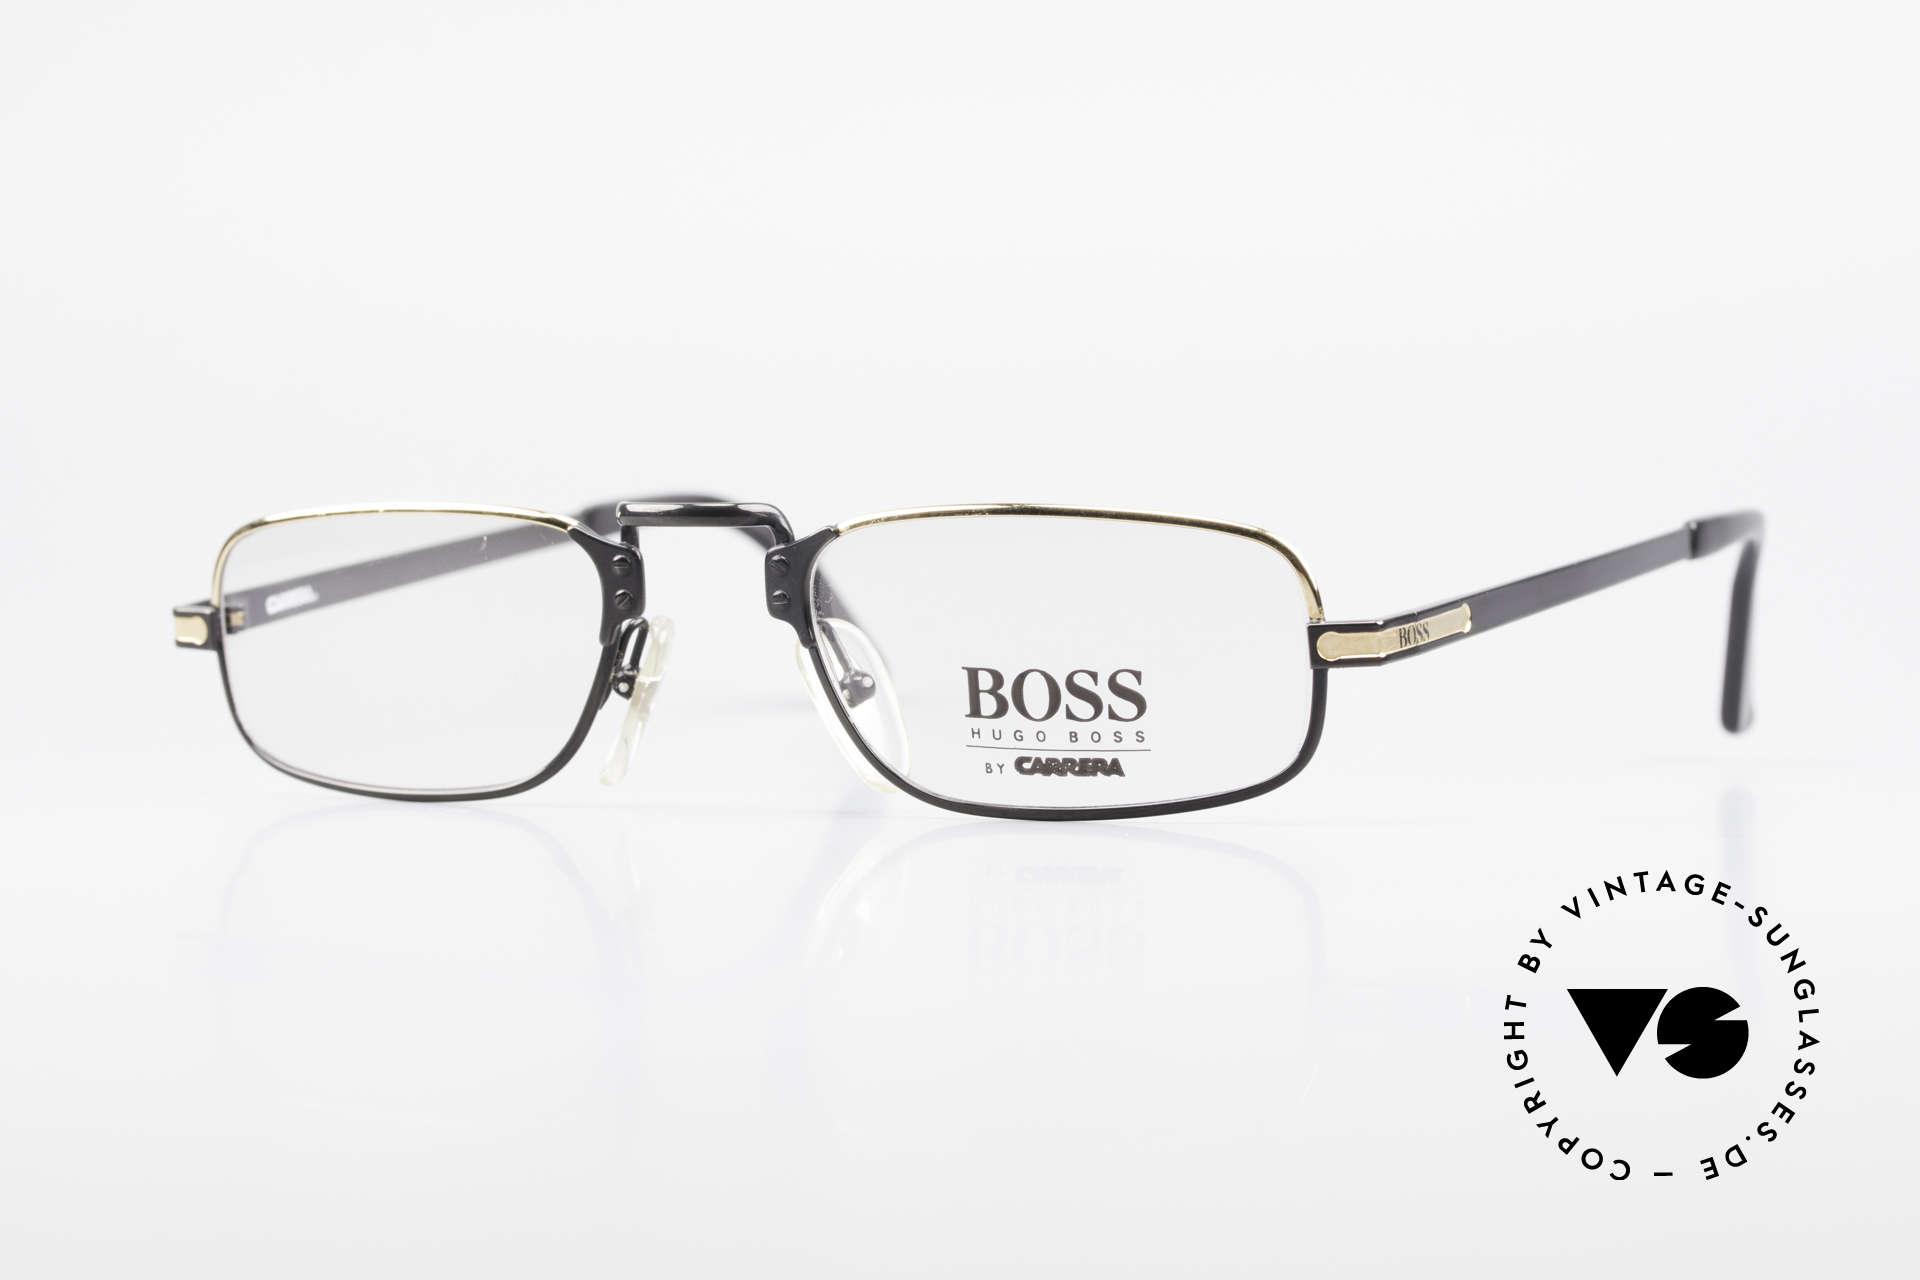 BOSS 5100 Classic Men's Reading Glasses, vintage reading eyeglass-frame by HUGO BOSS, Made for Men